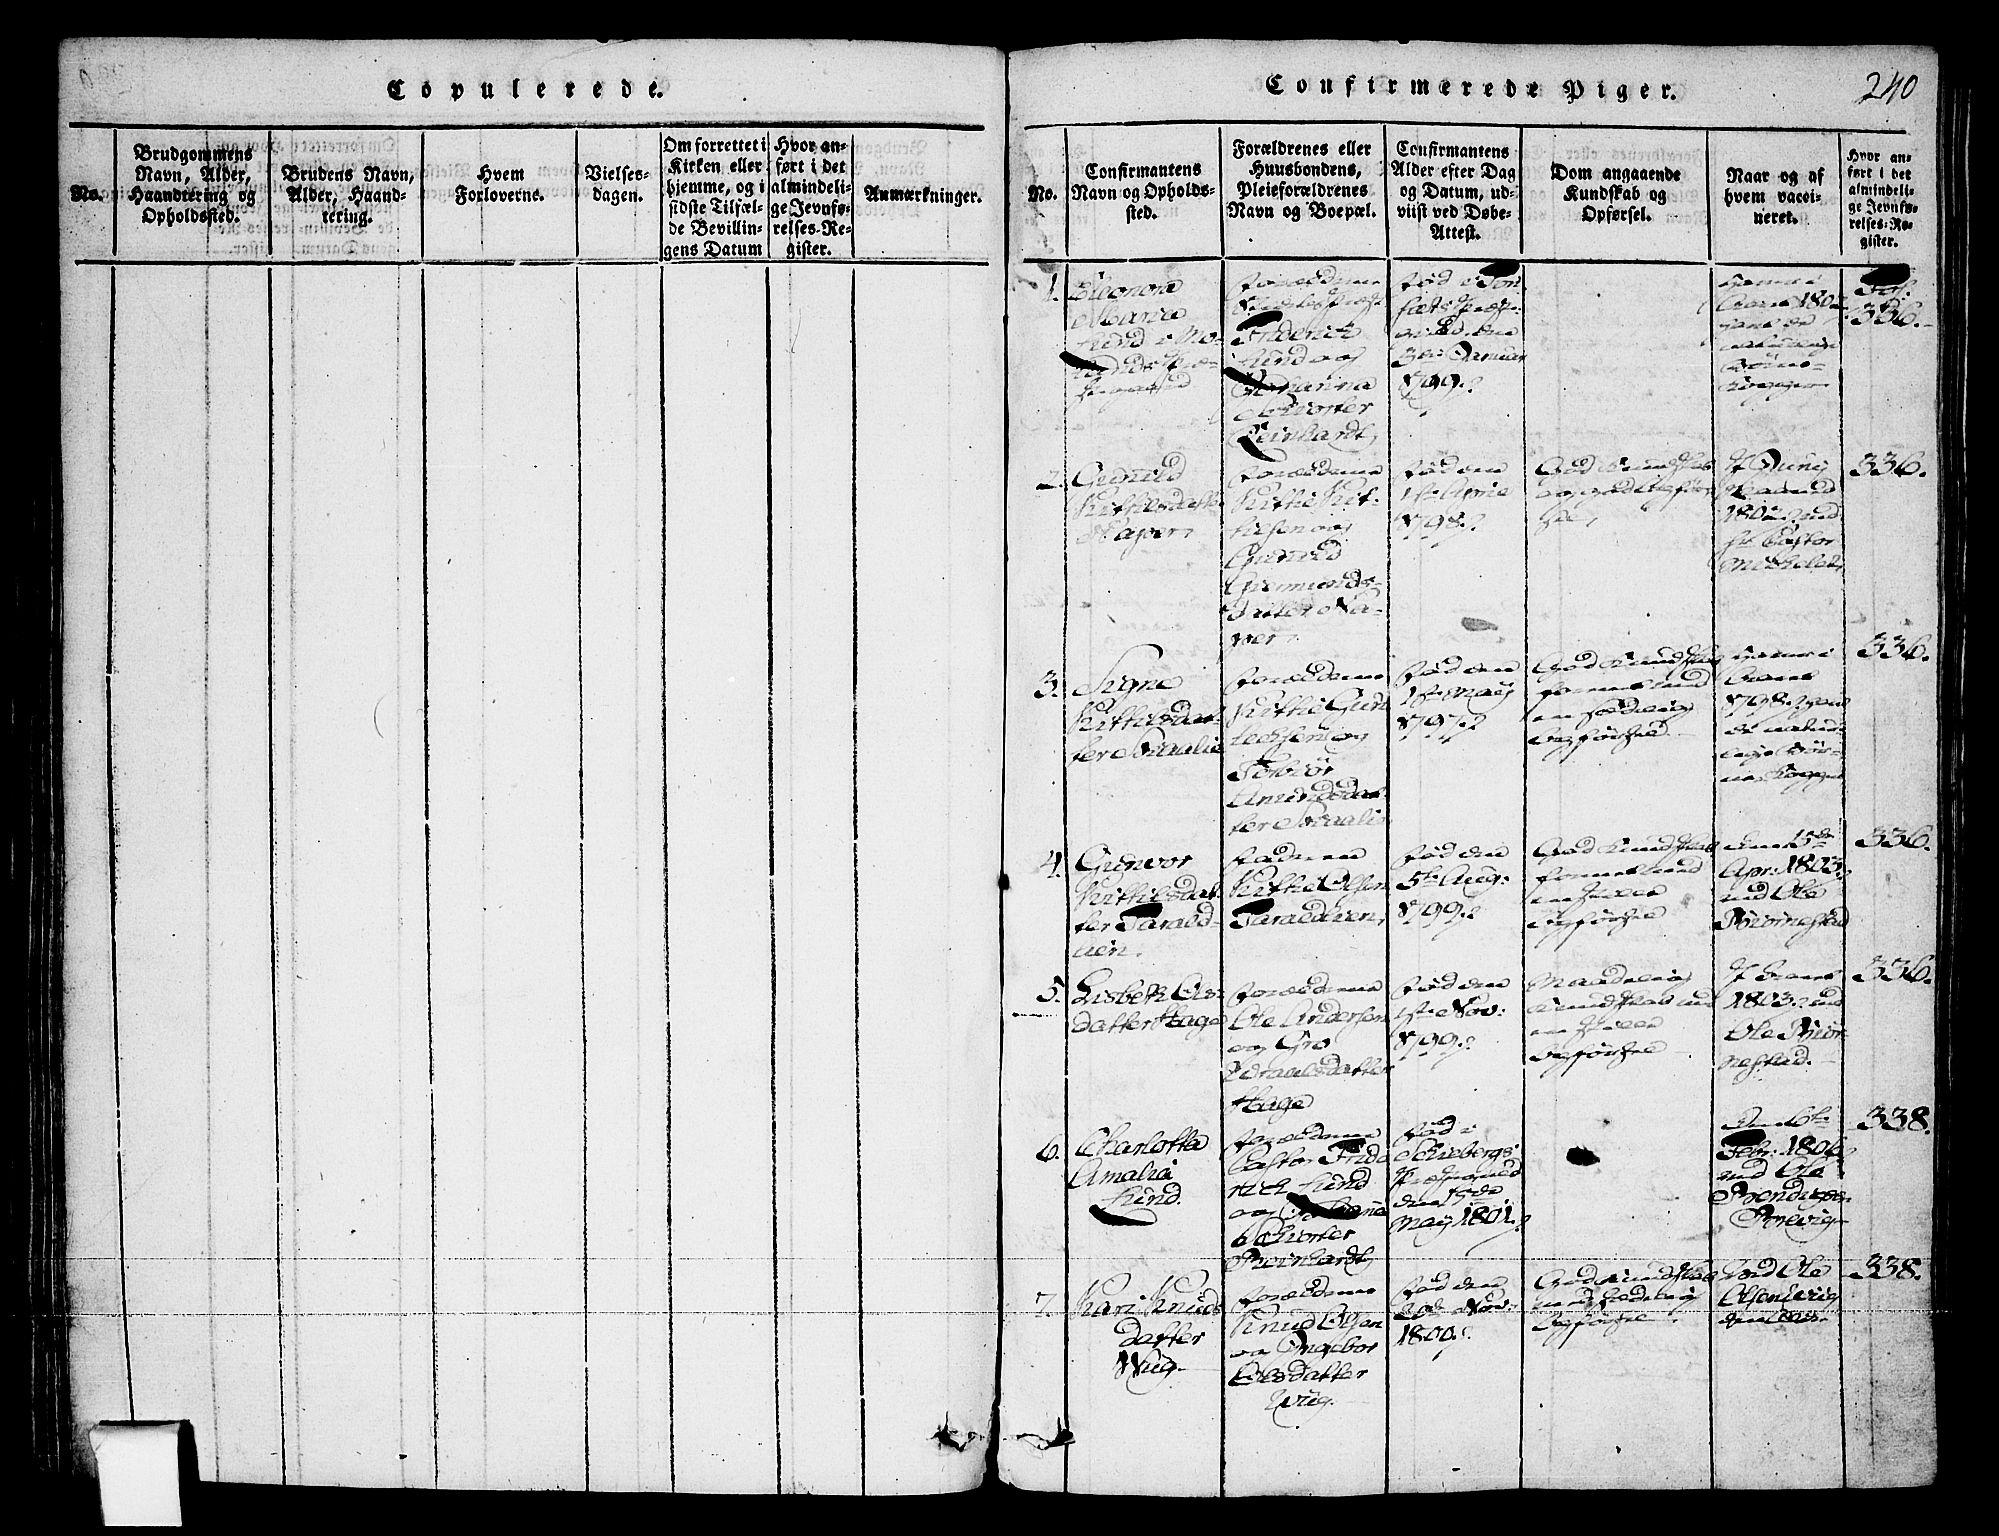 SAKO, Fyresdal kirkebøker, F/Fa/L0003: Ministerialbok nr. I 3, 1815-1840, s. 240